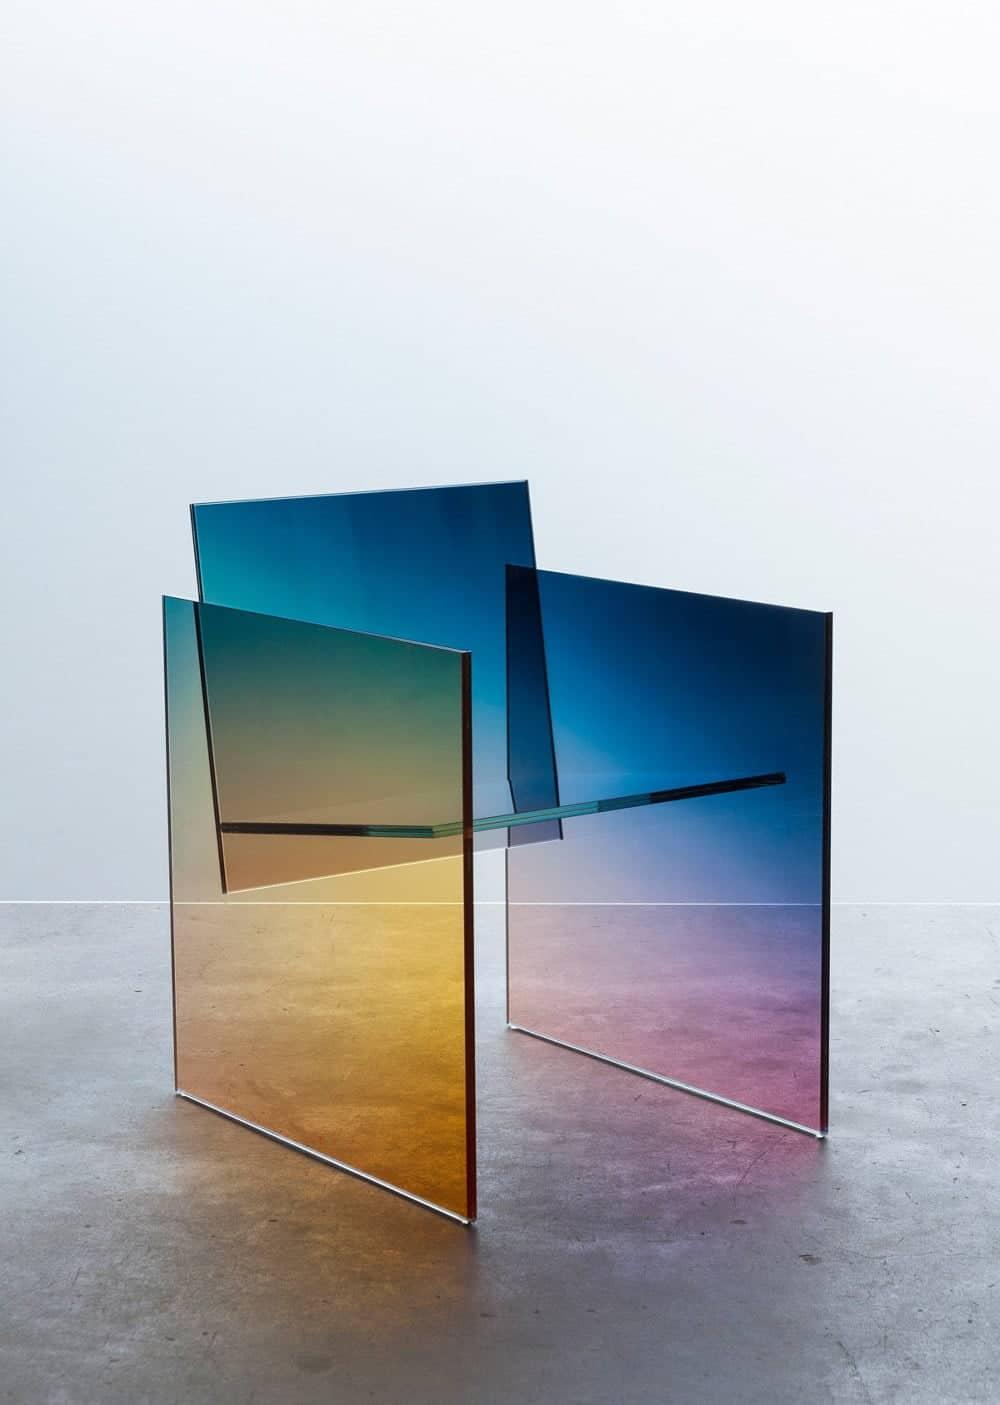 stoel van ontwerper Germans Ermics